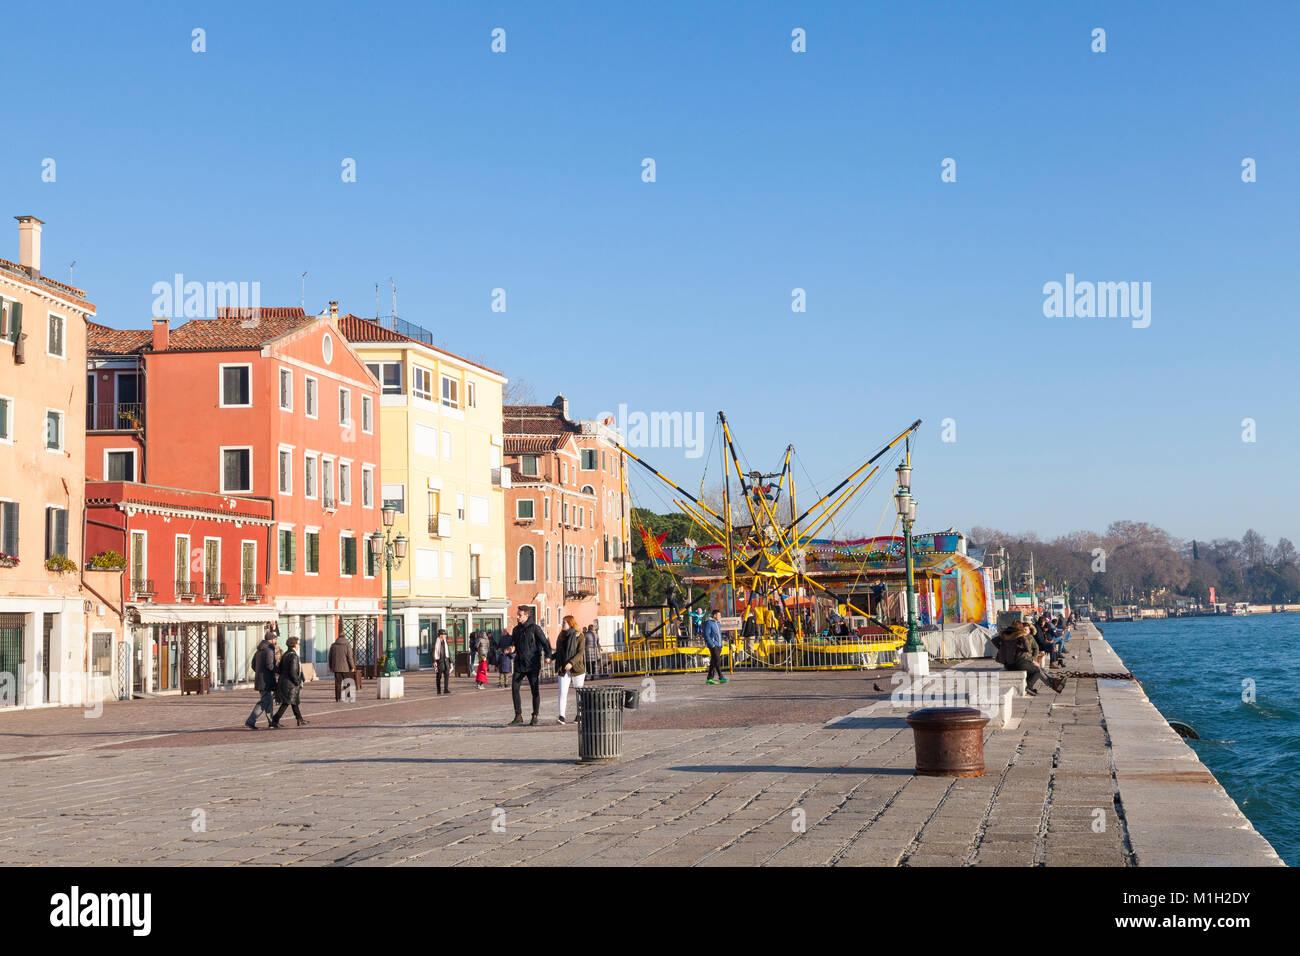 Parco di divertimenti stagionale sulla Riva dei Sette Martiri, Castello, Venezia, Italia al crepuscolo con bambini Immagini Stock